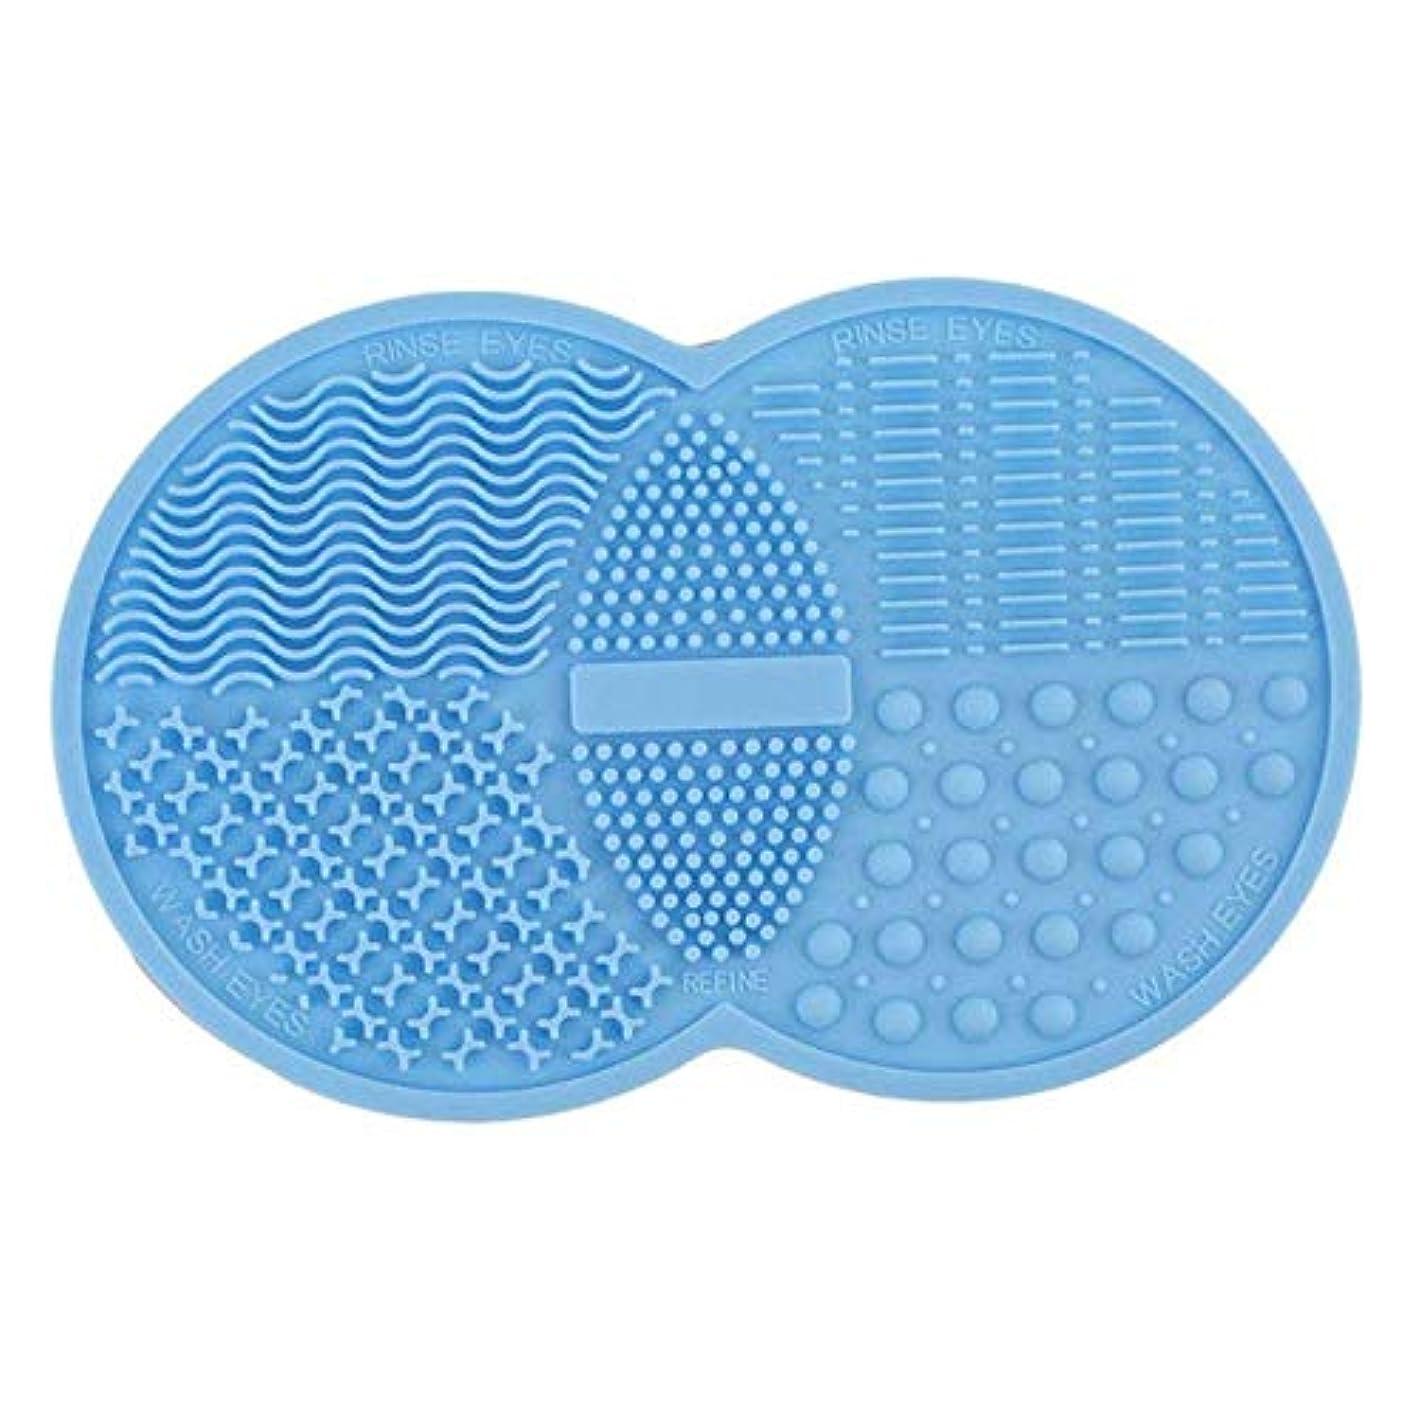 気質これら広くPichidr-JP 化粧ブラシクリーニングマット家庭用と旅行用サクションカップ付きポータブル洗浄ツールスクラバー(ブルー)